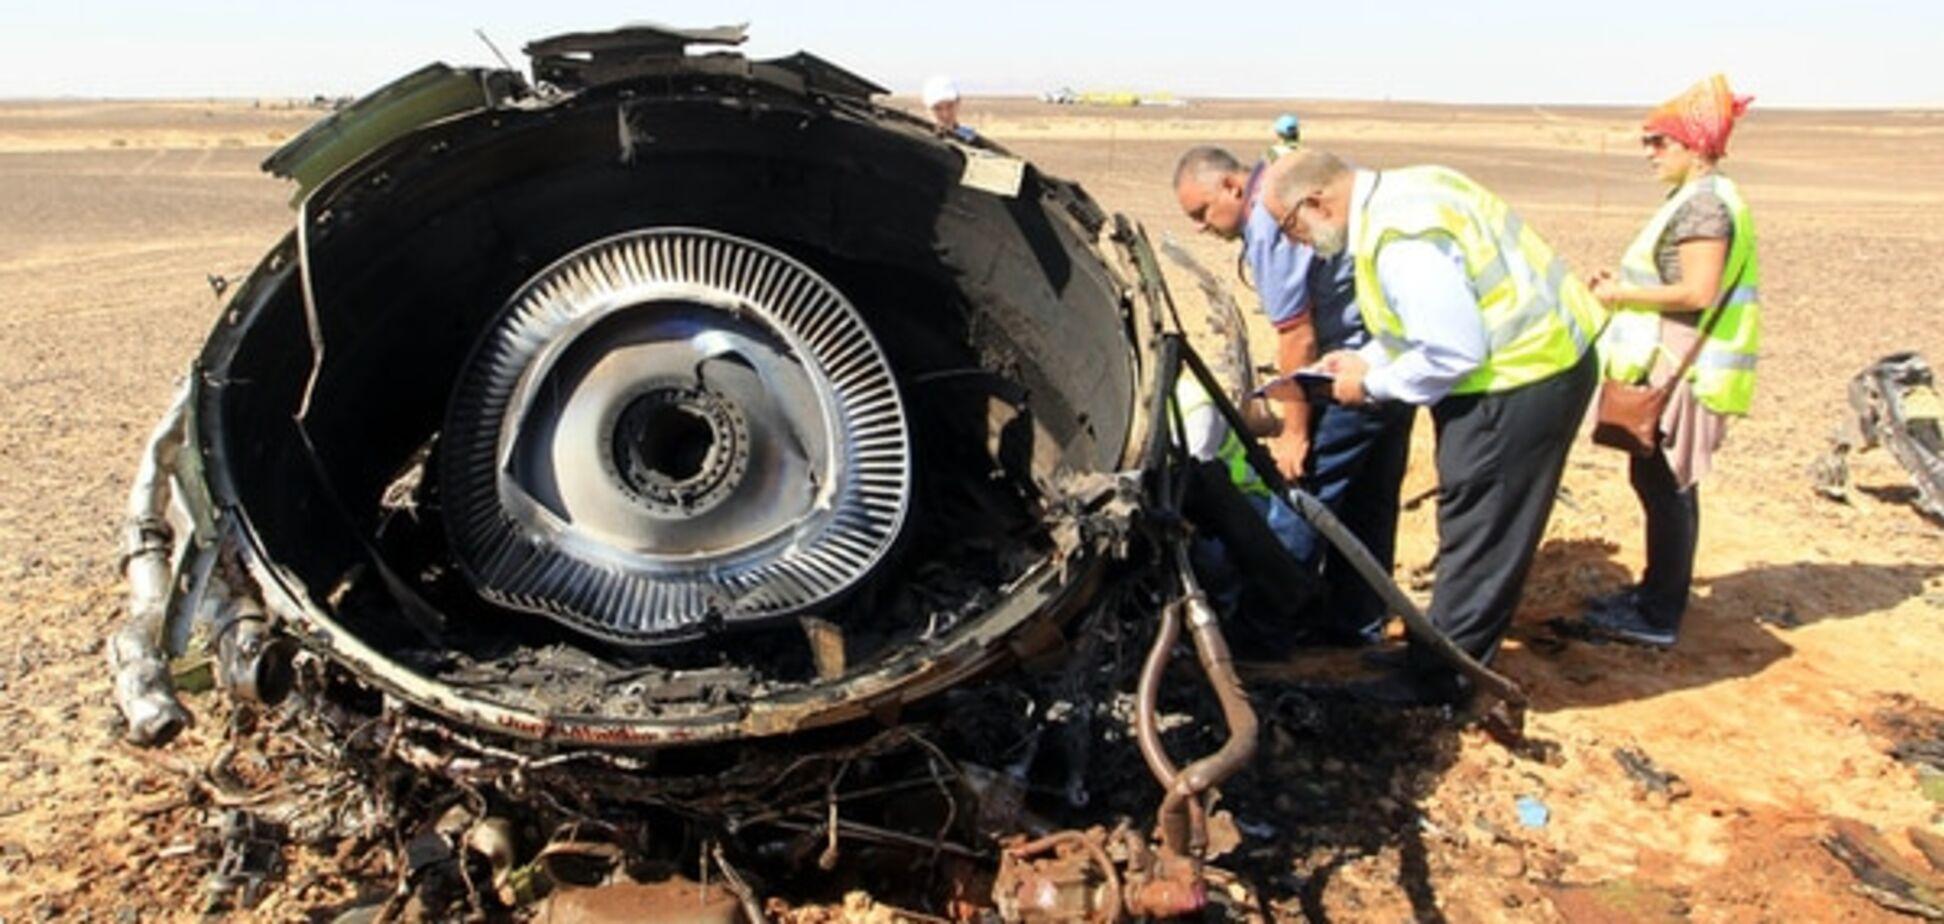 Його спіткала доля МН-17: експерти з'ясували, що трапилося з російським літаком